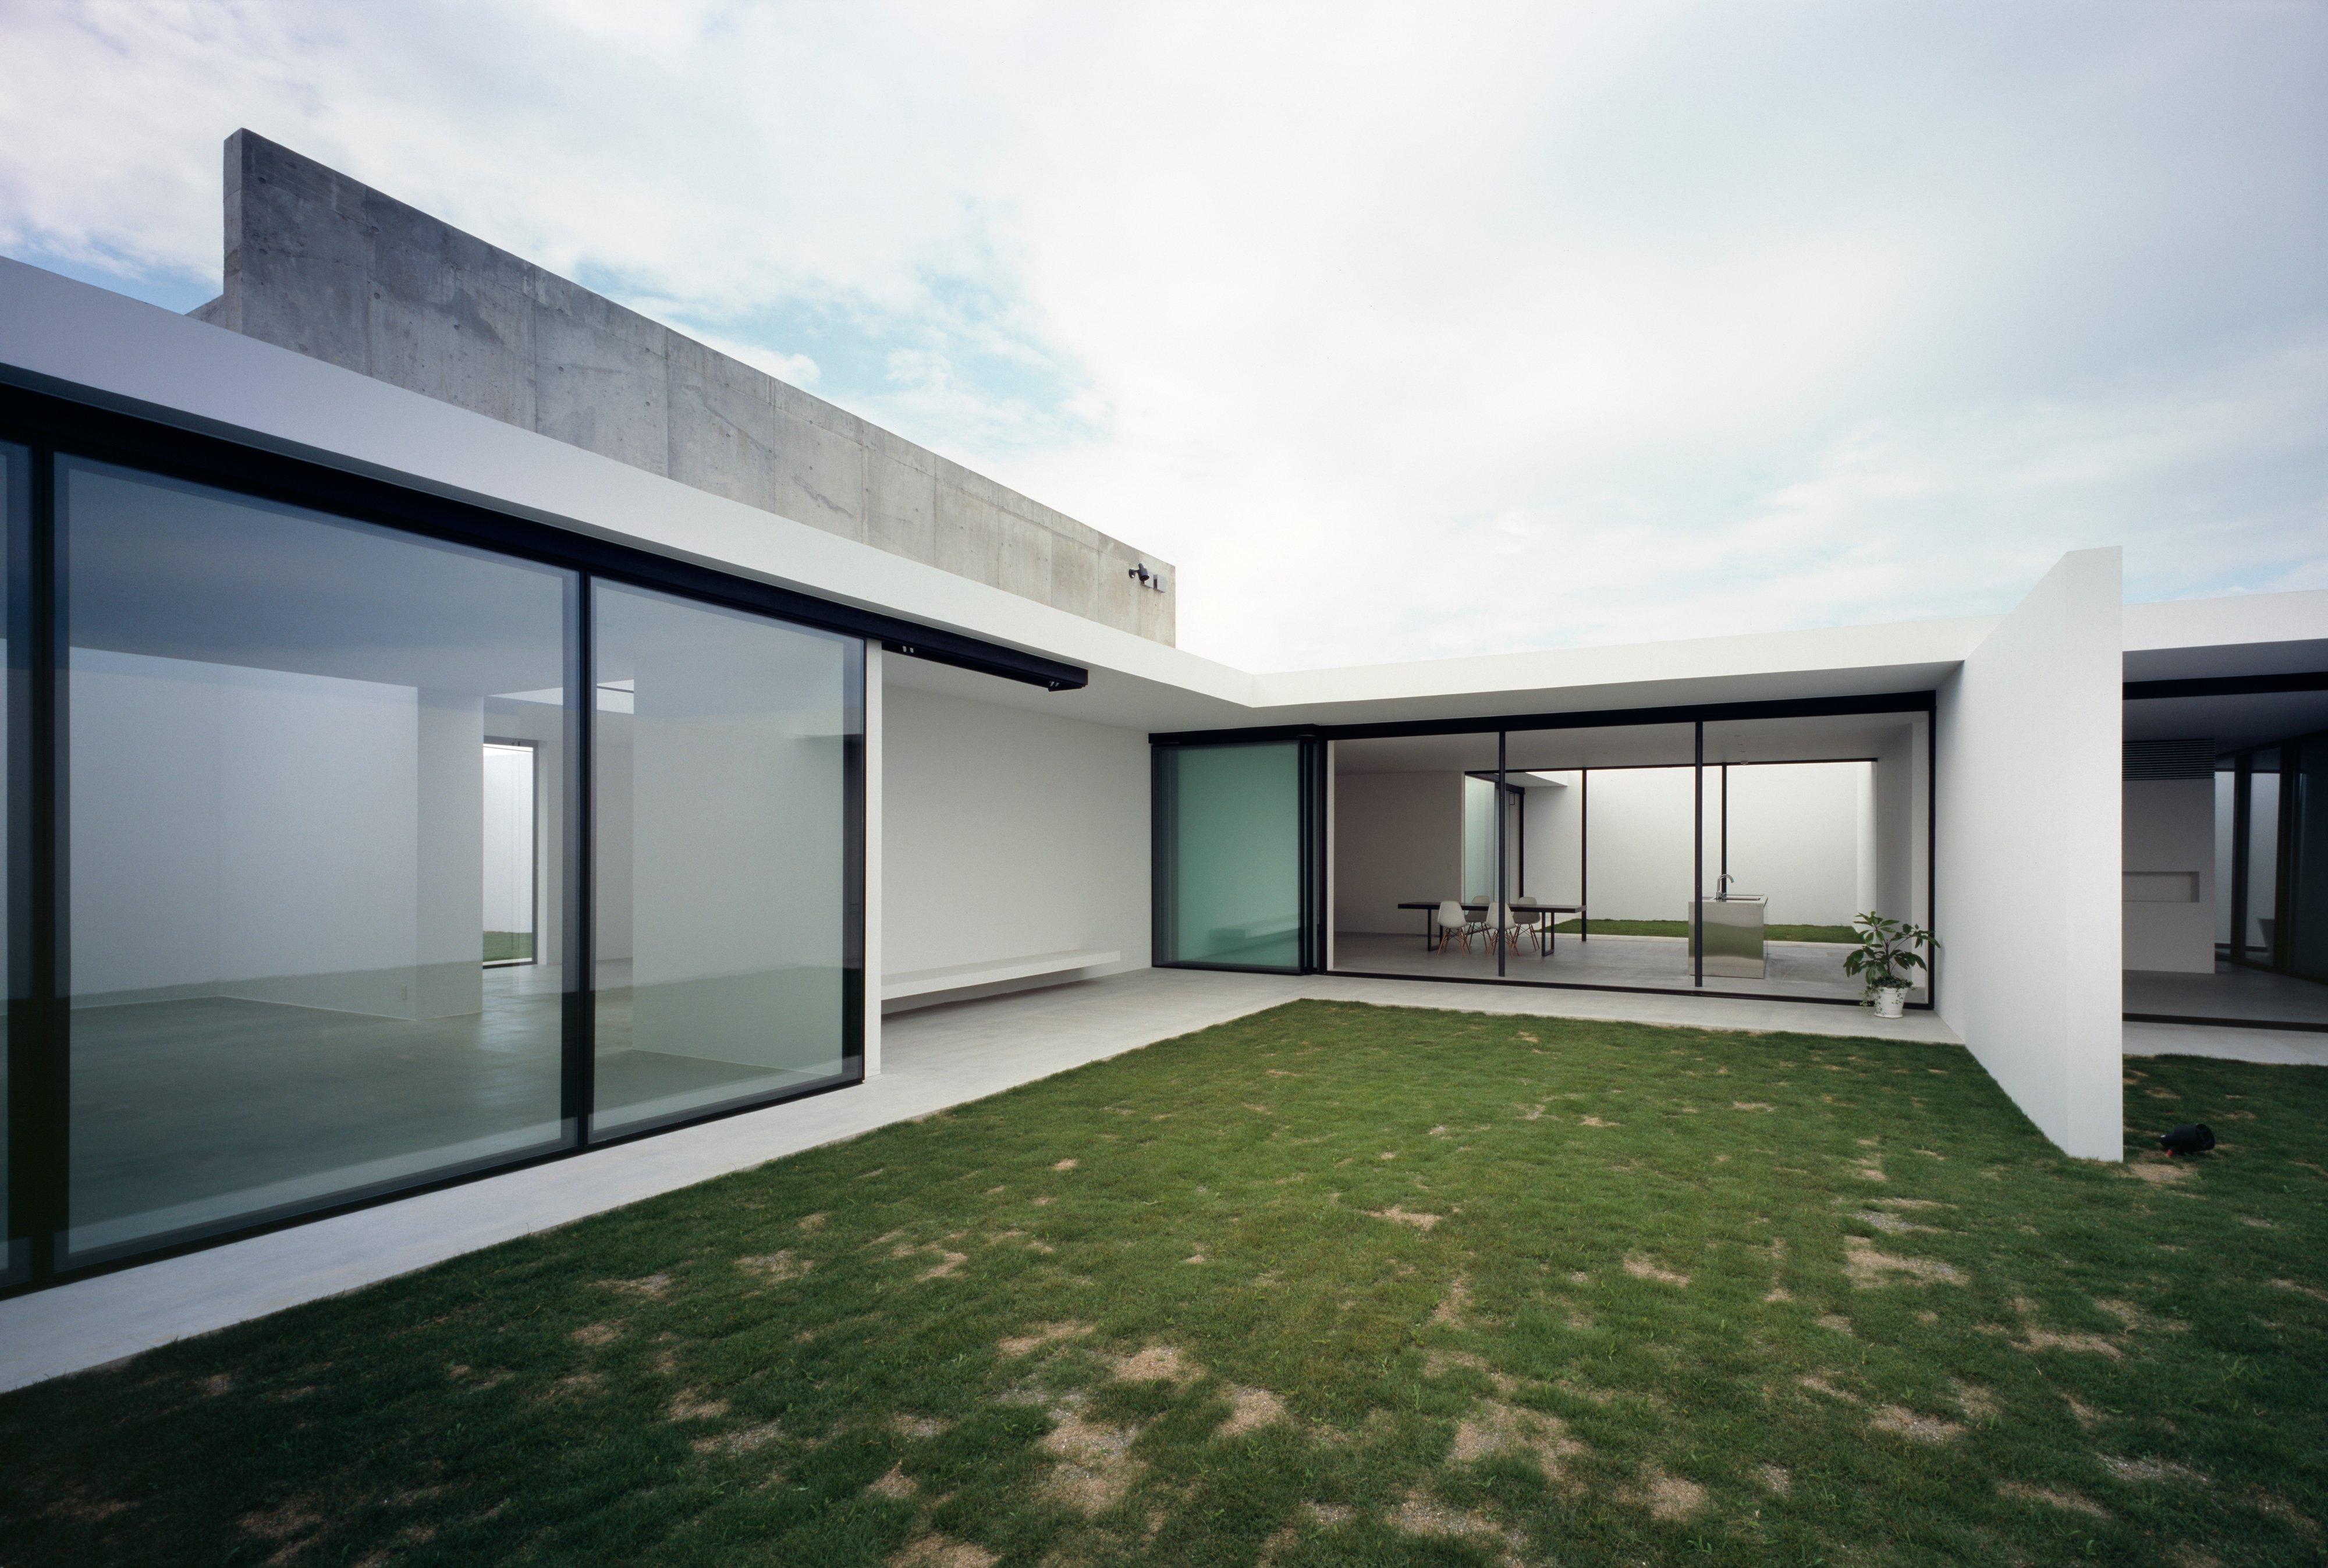 generaldesign_architecture-_011